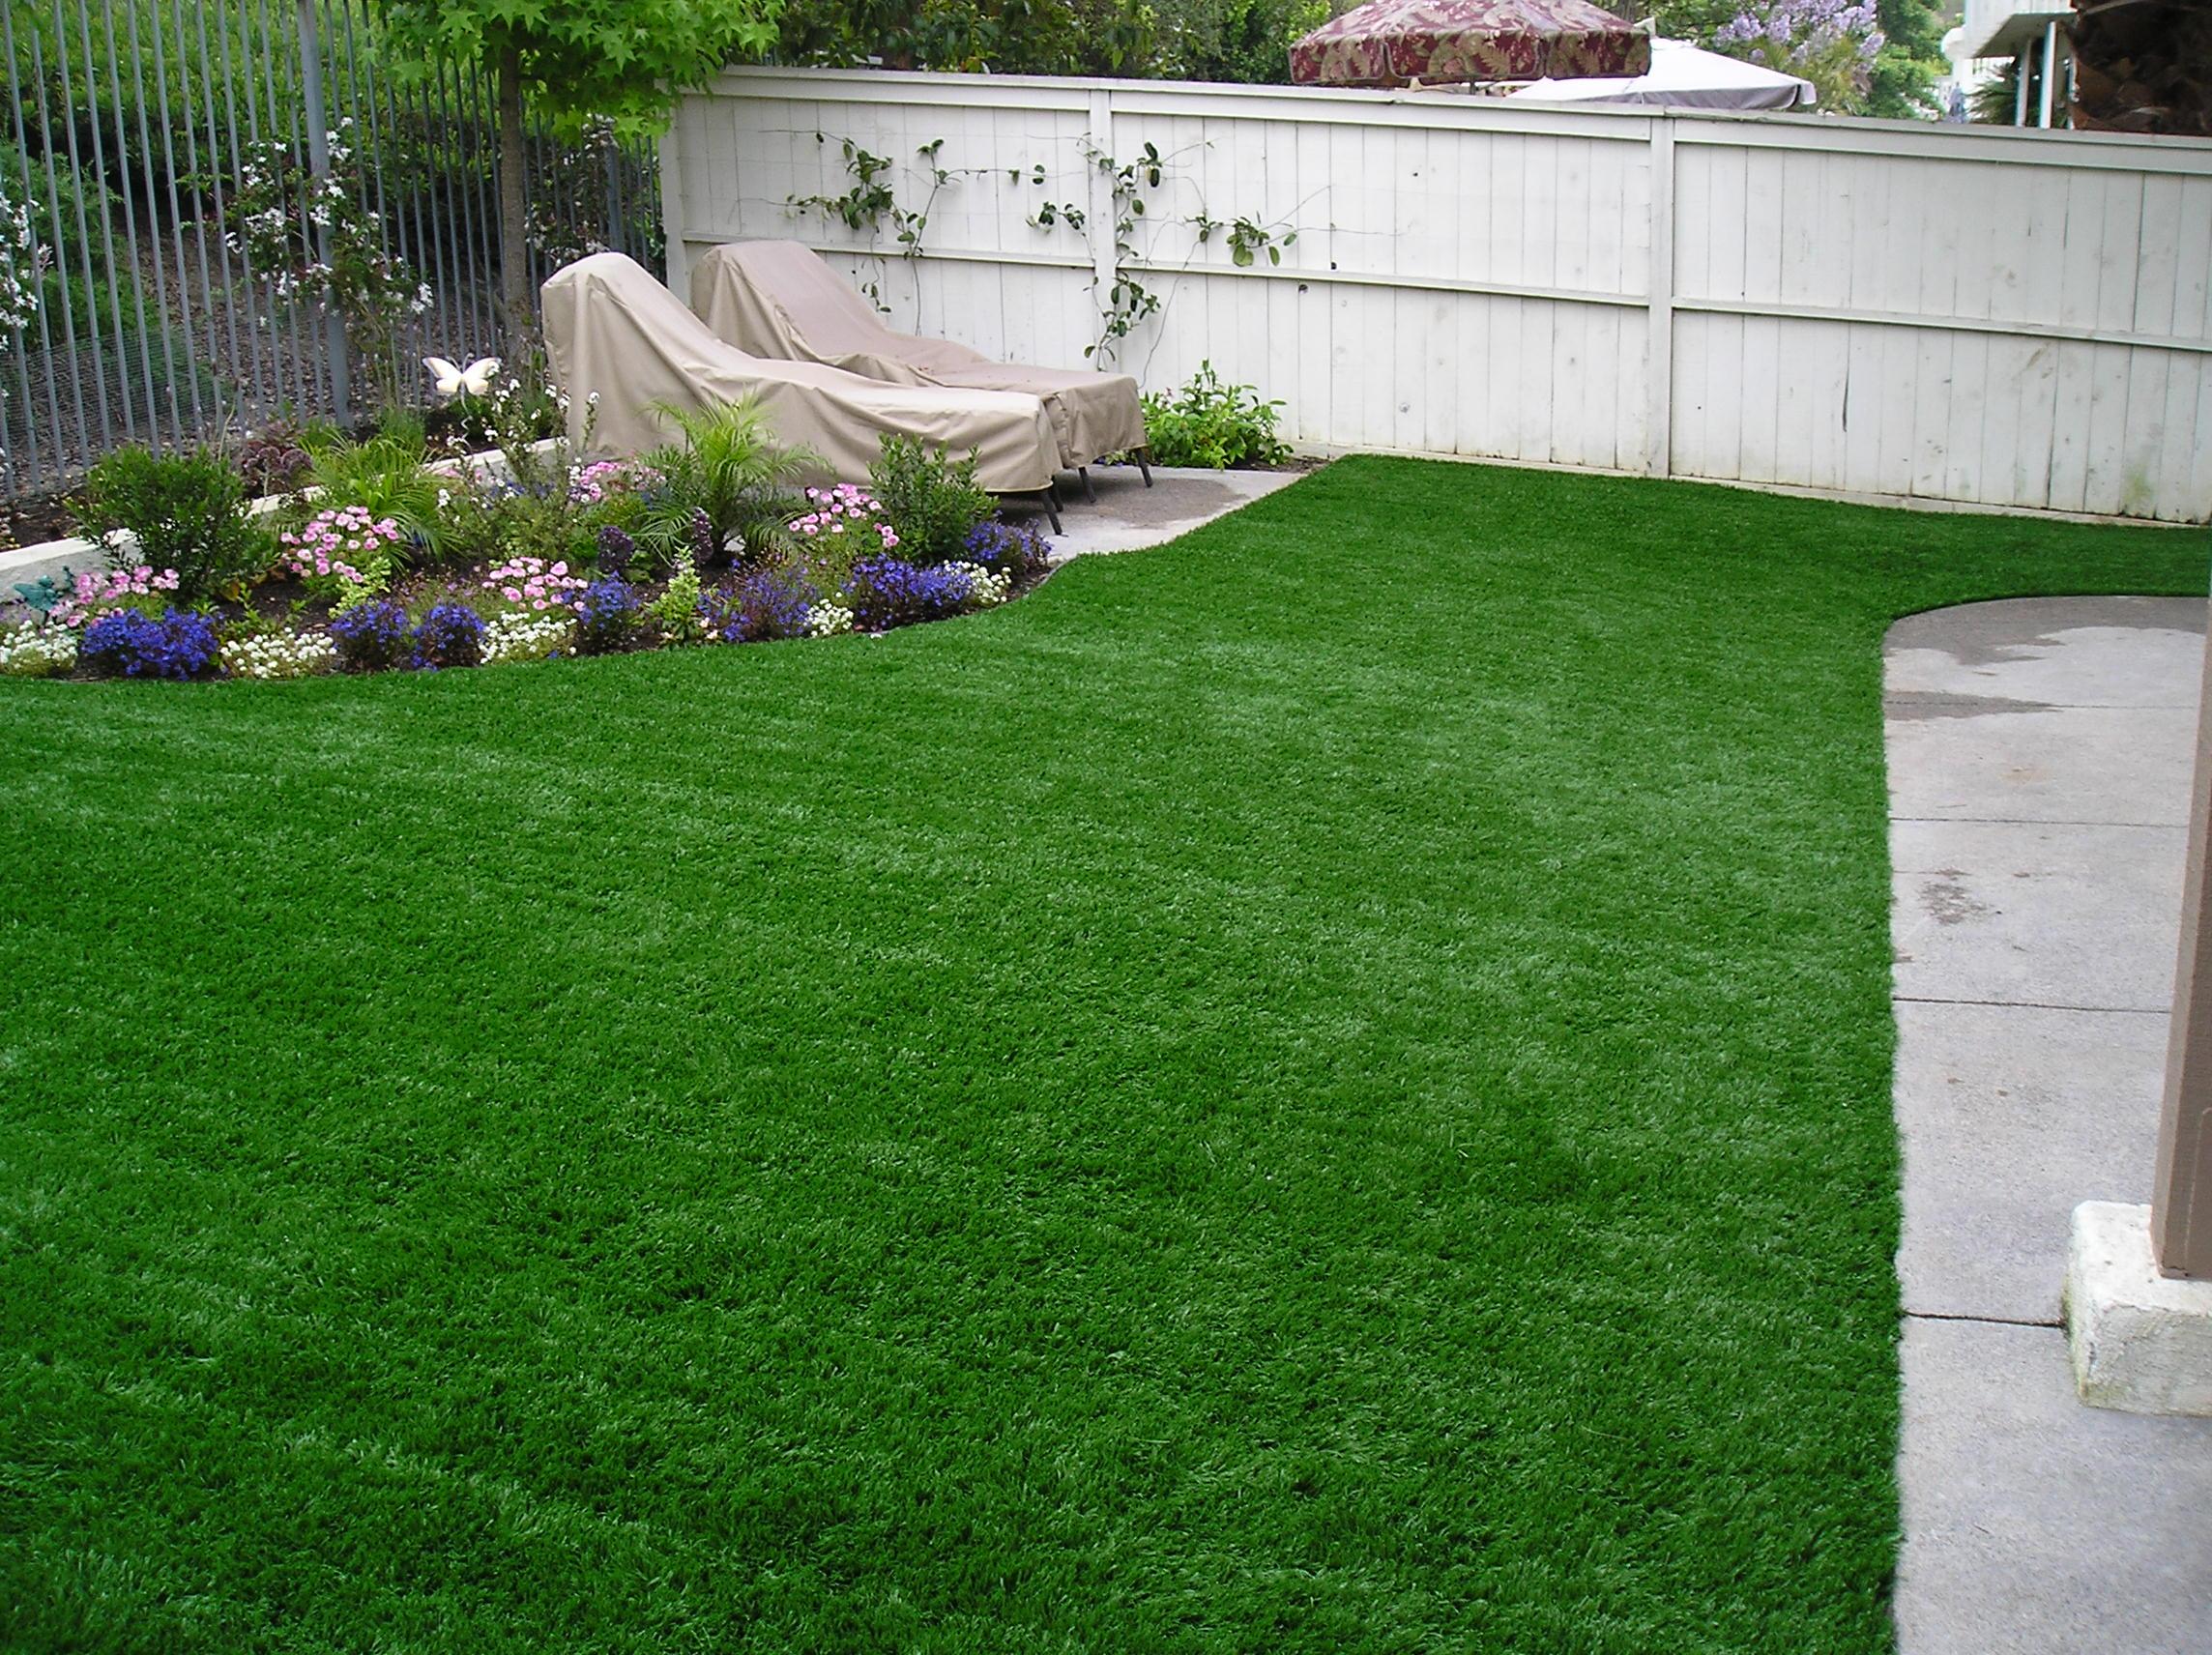 Emerald-92 Stemgrass fake green grass,green grass carpet